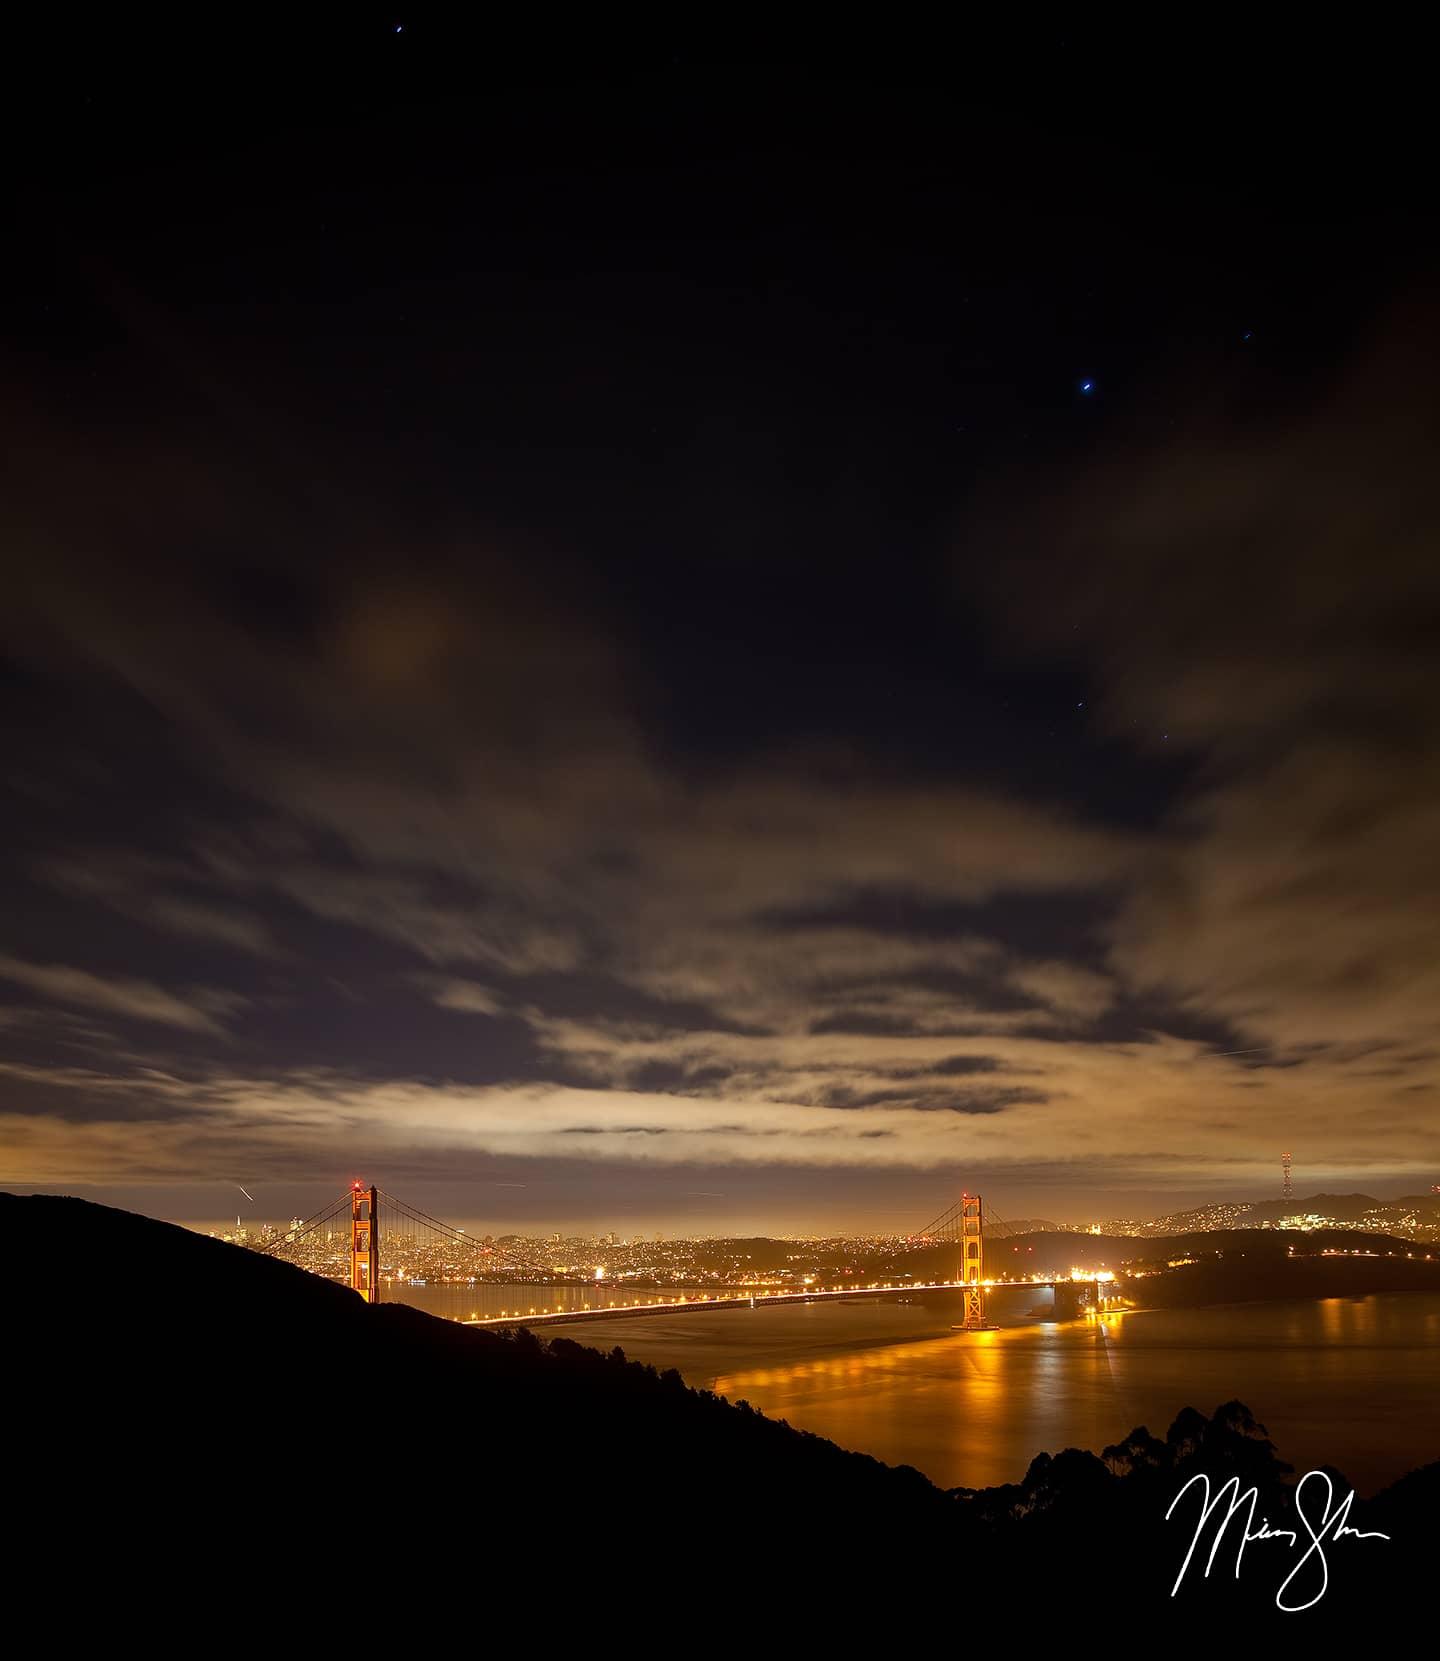 Golden Gate Stars - Golden Gate Bridge, San Francisco, California